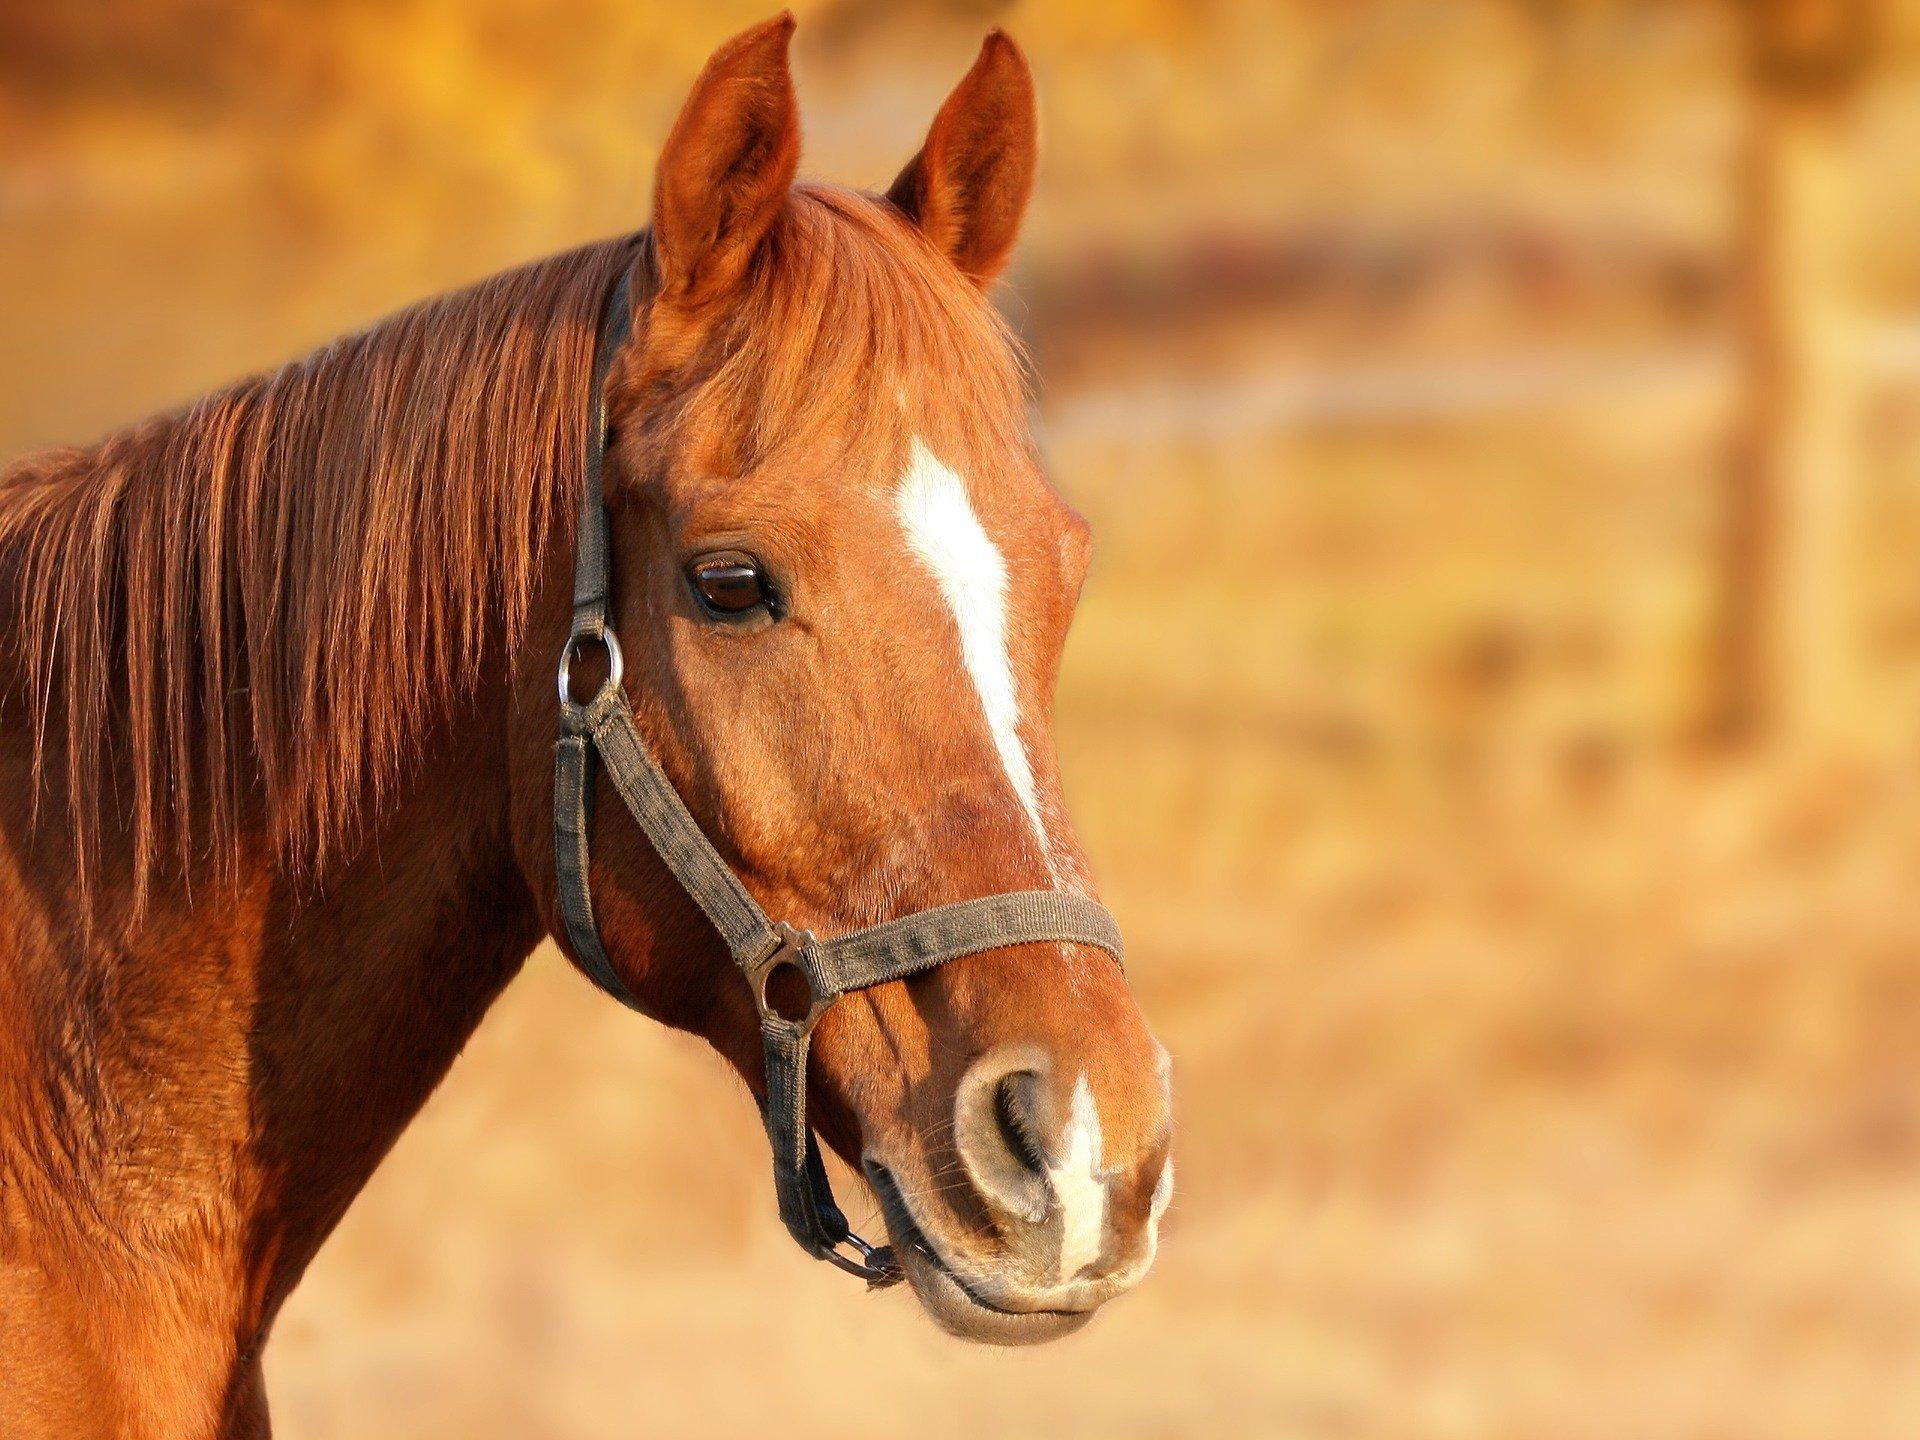 Hoe verminder ik op gezonde wijze het gewicht van mijn paard?